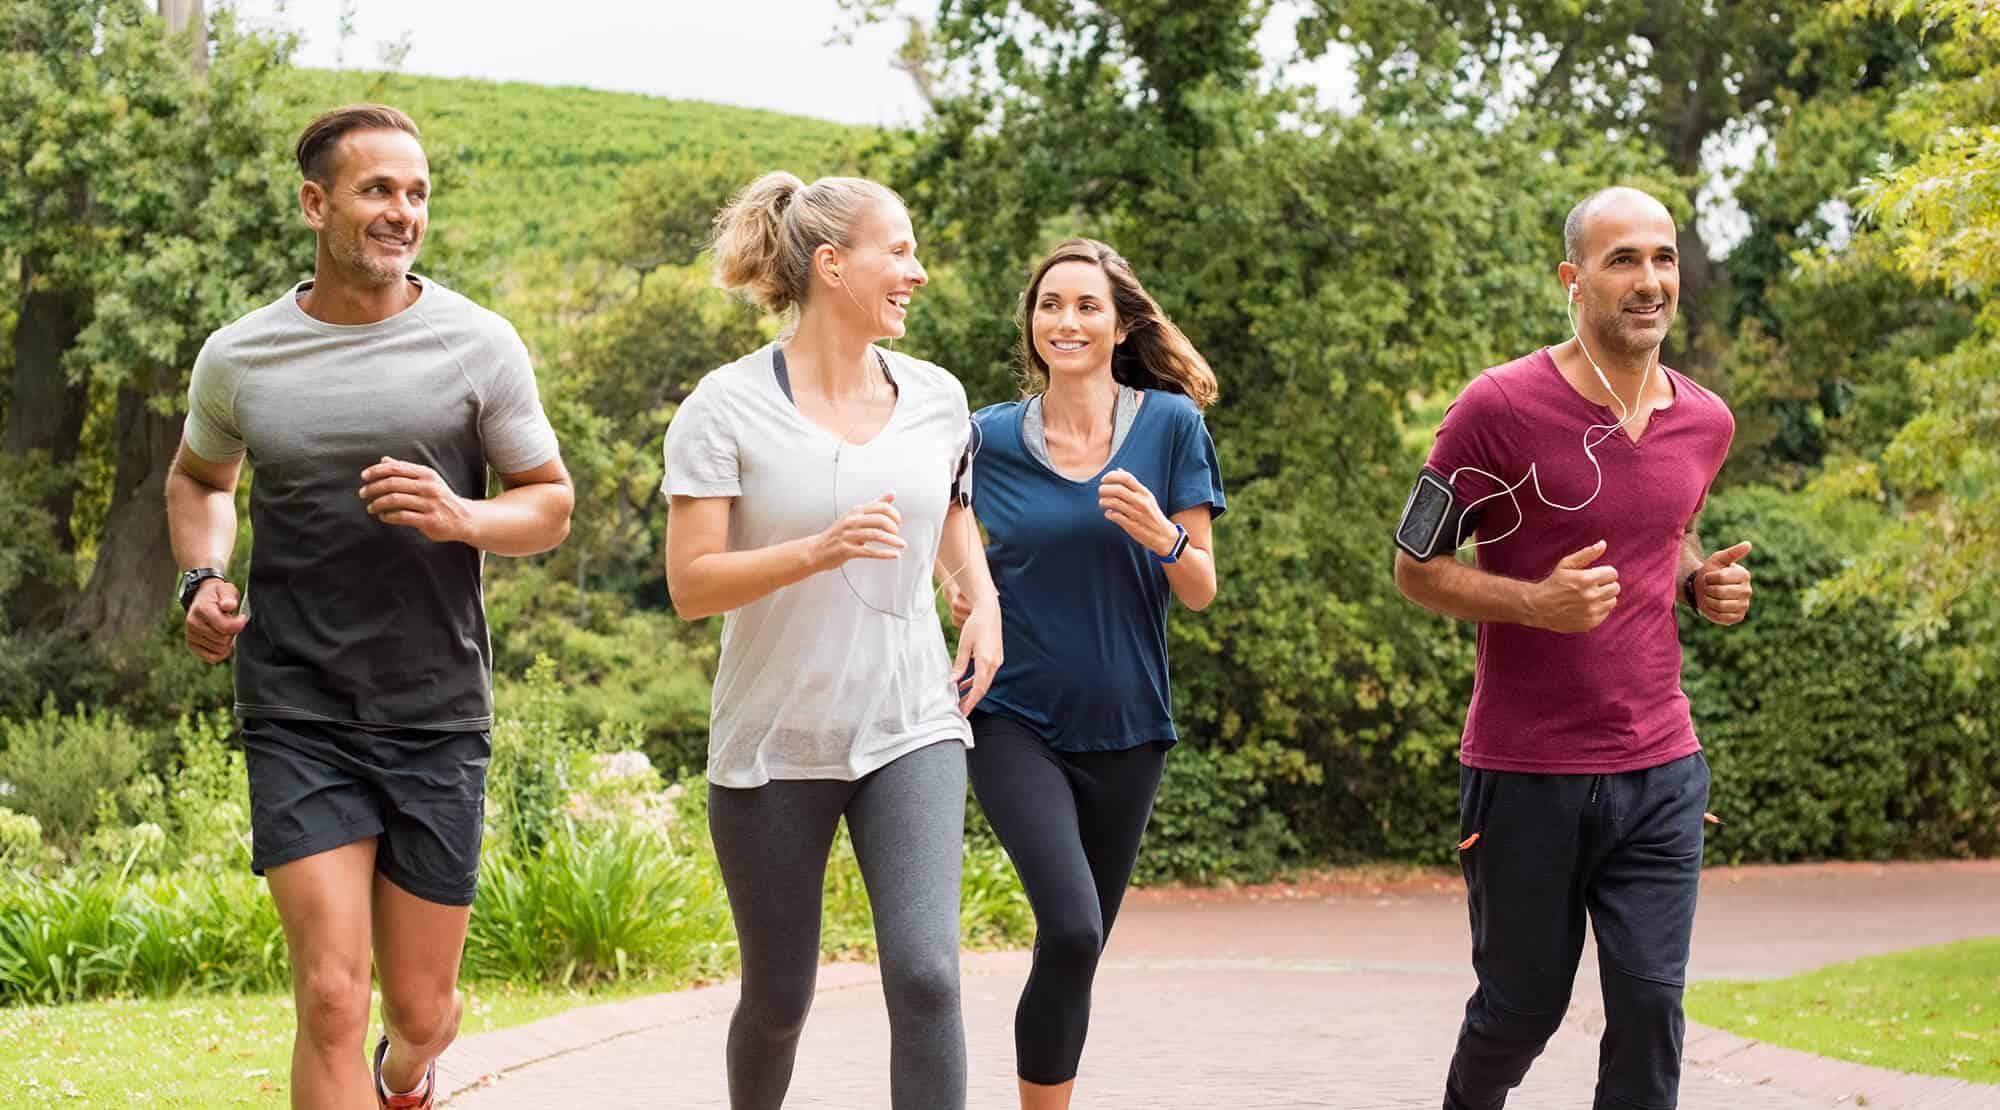 behani-jogging-pri-nemoci-magazin